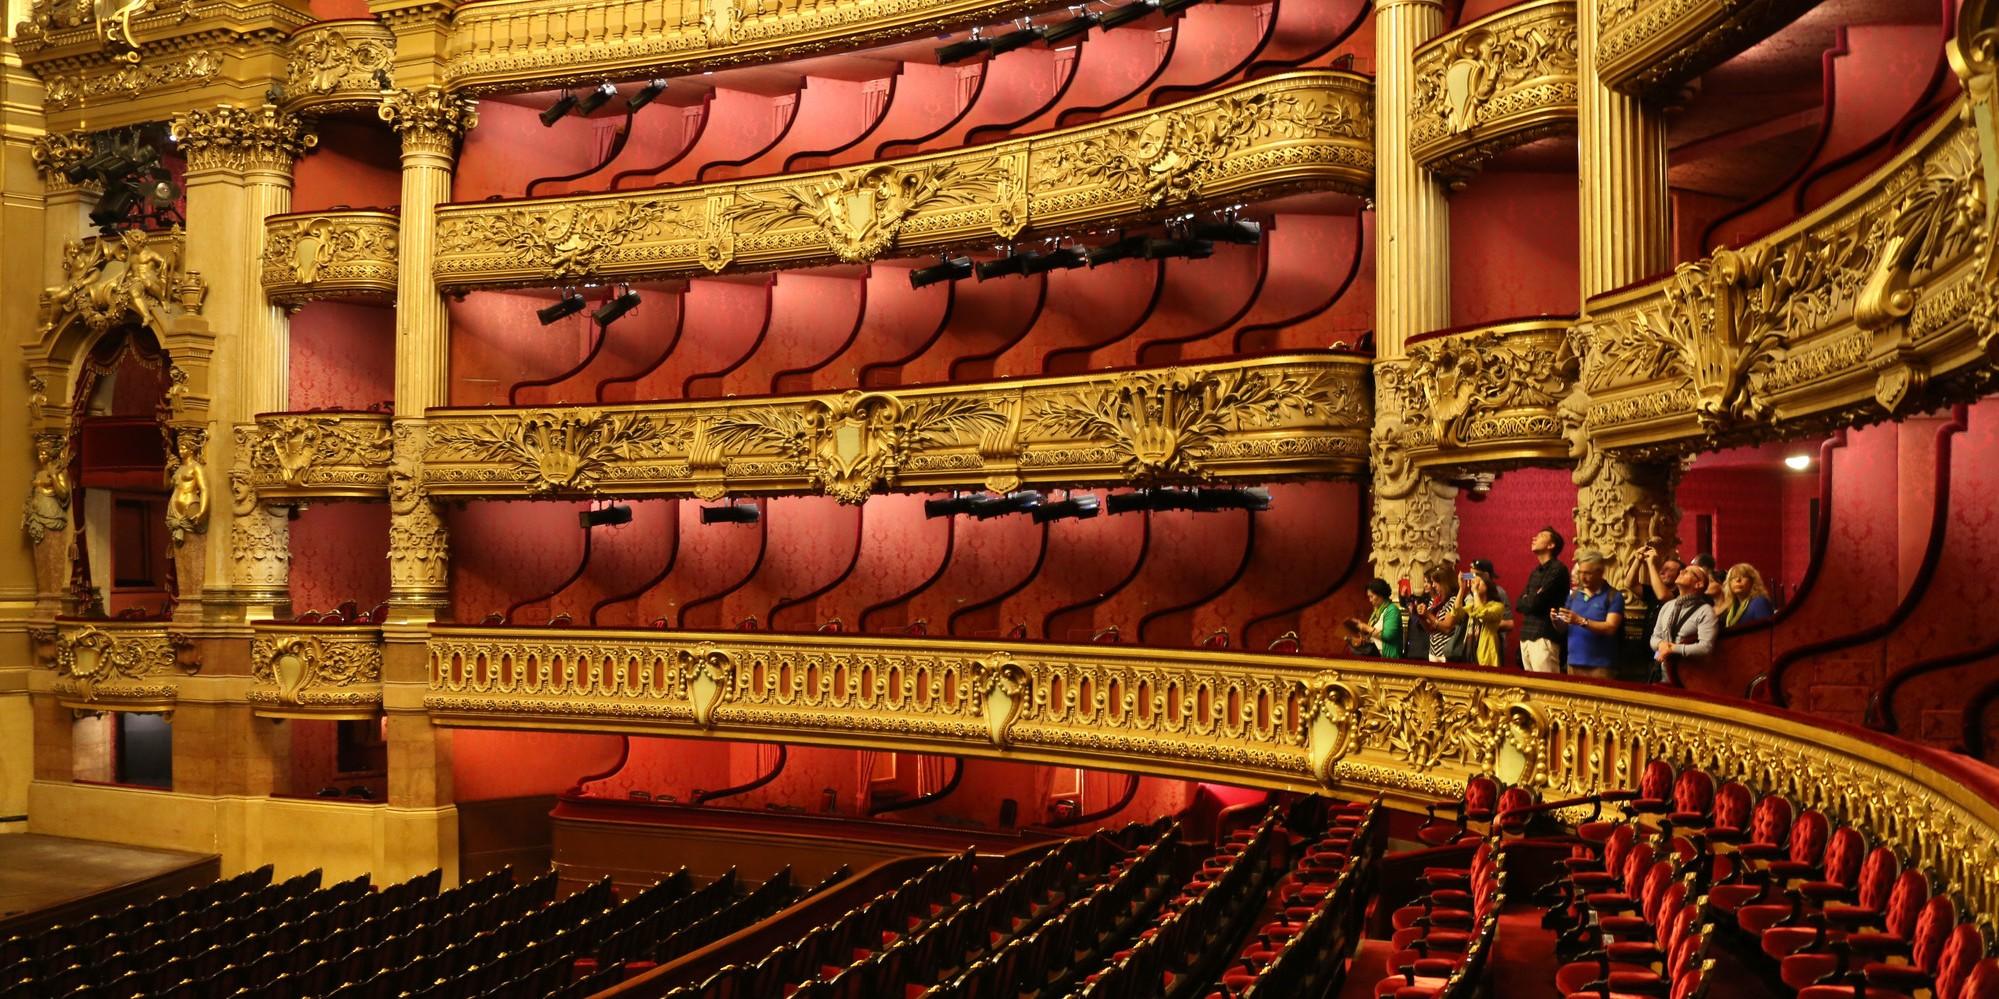 Les grandes salles d'opéra